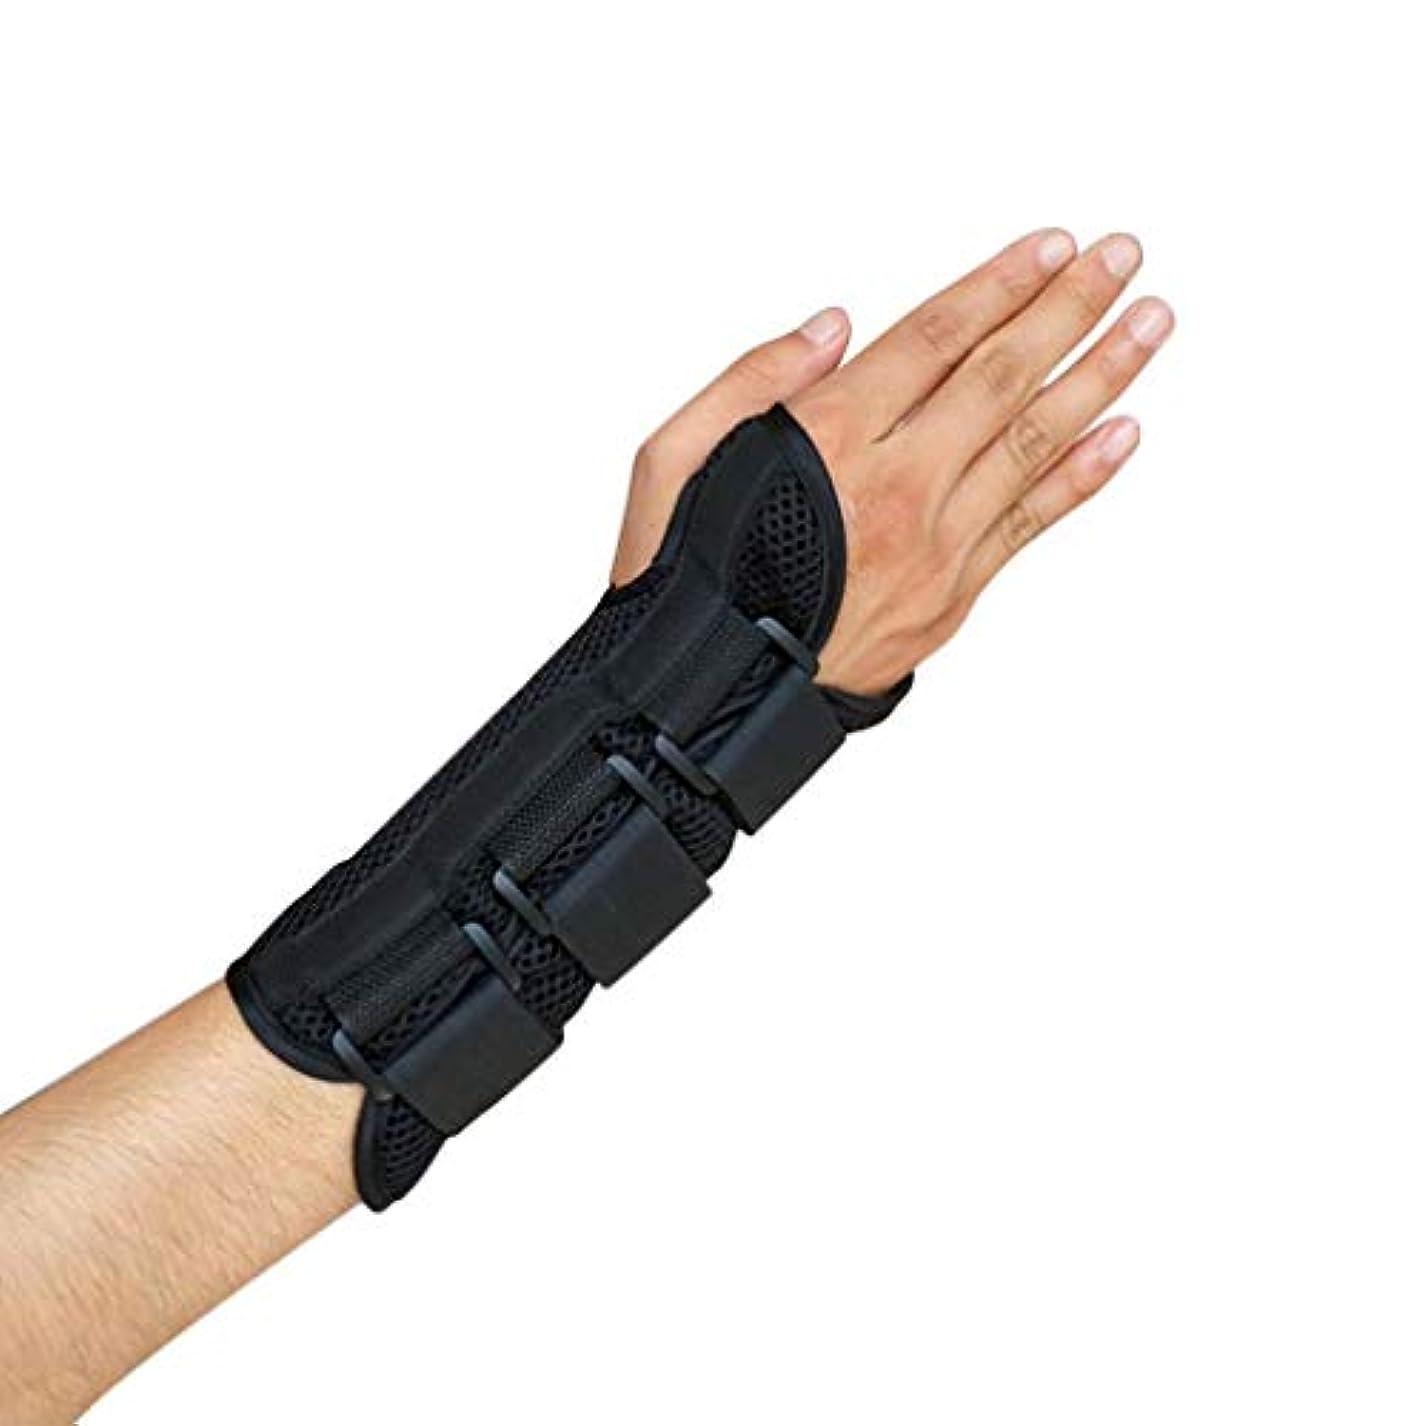 旋律的肌ディレクター手根管手首ブレースサポート捻Sp前腕スプリントバンドストラップ保護-Rustle666